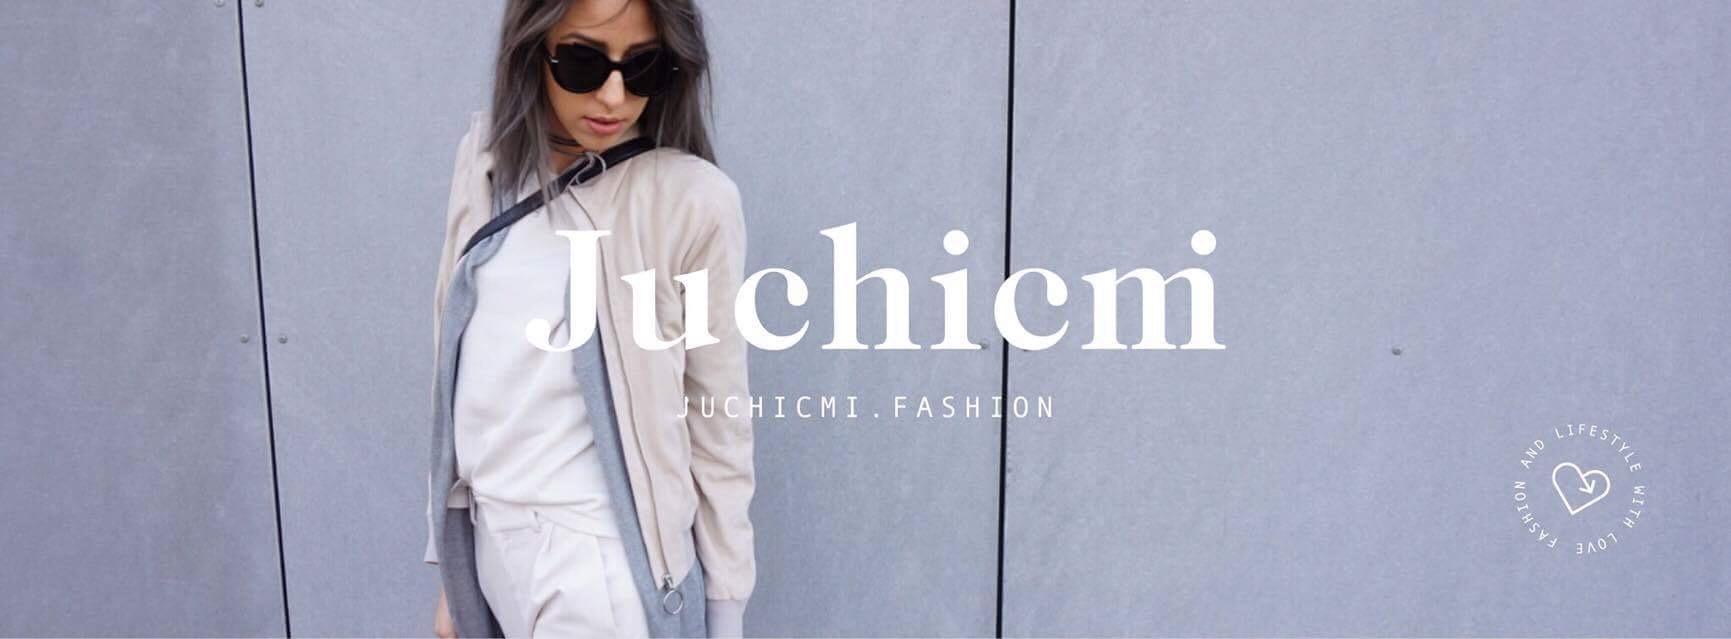 JuChicMi Fashion&Lifestyle